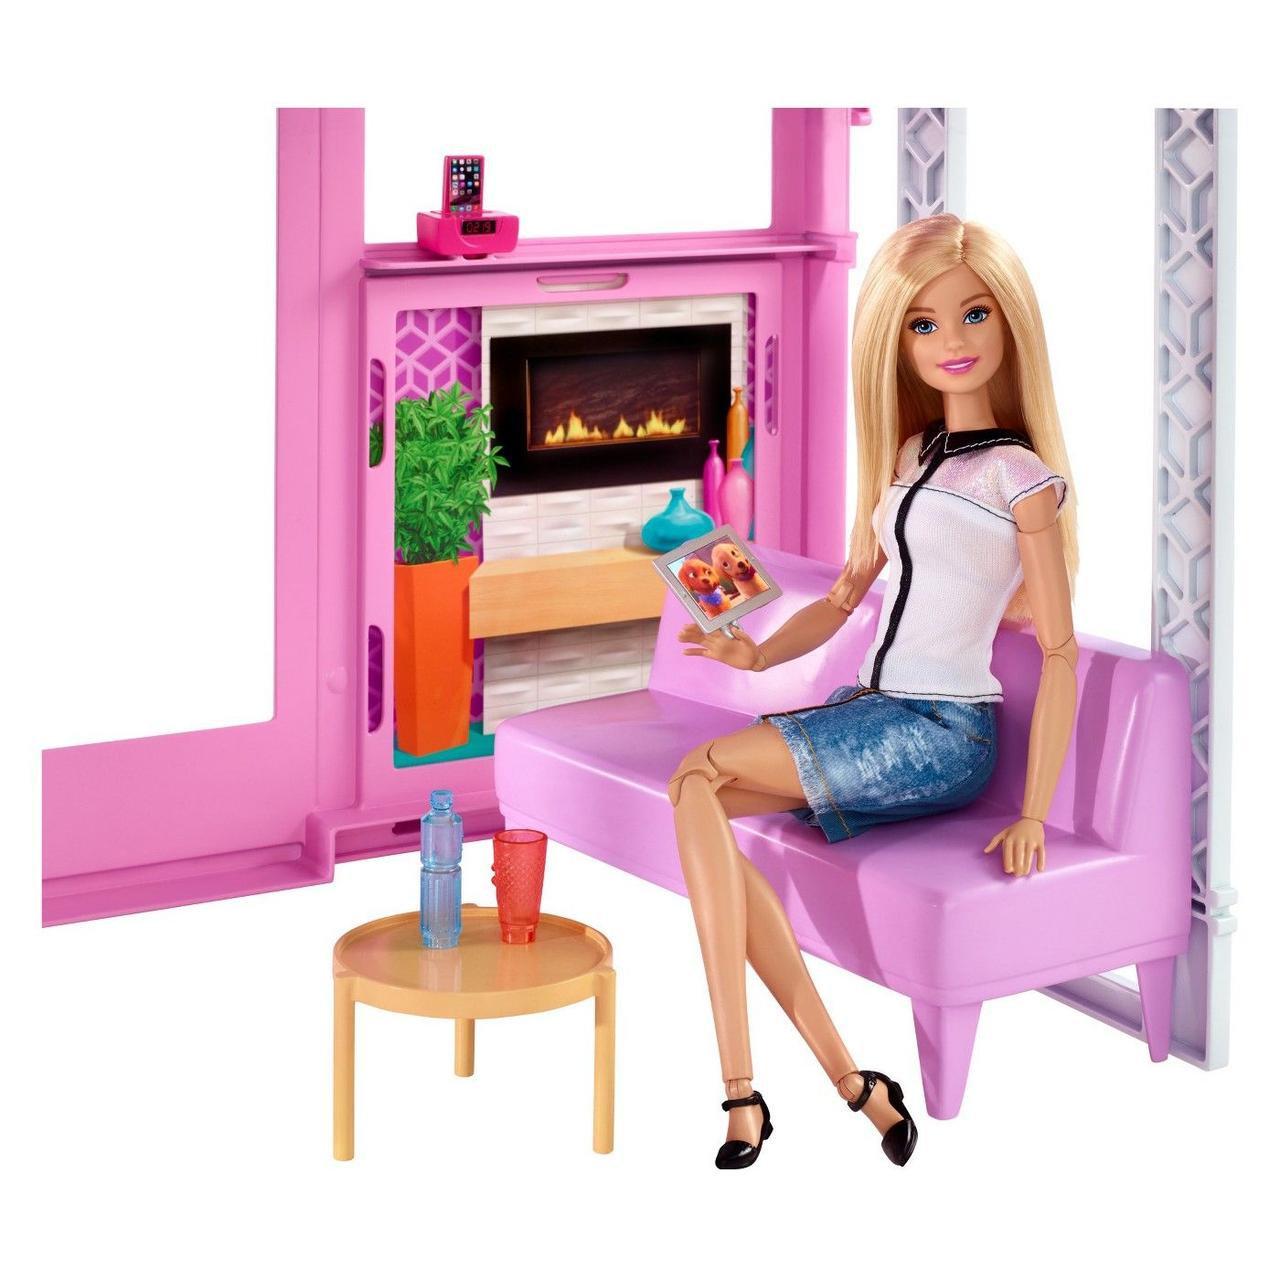 итоге решилась картинки кукол барби в домашних условиях значок тремя точками